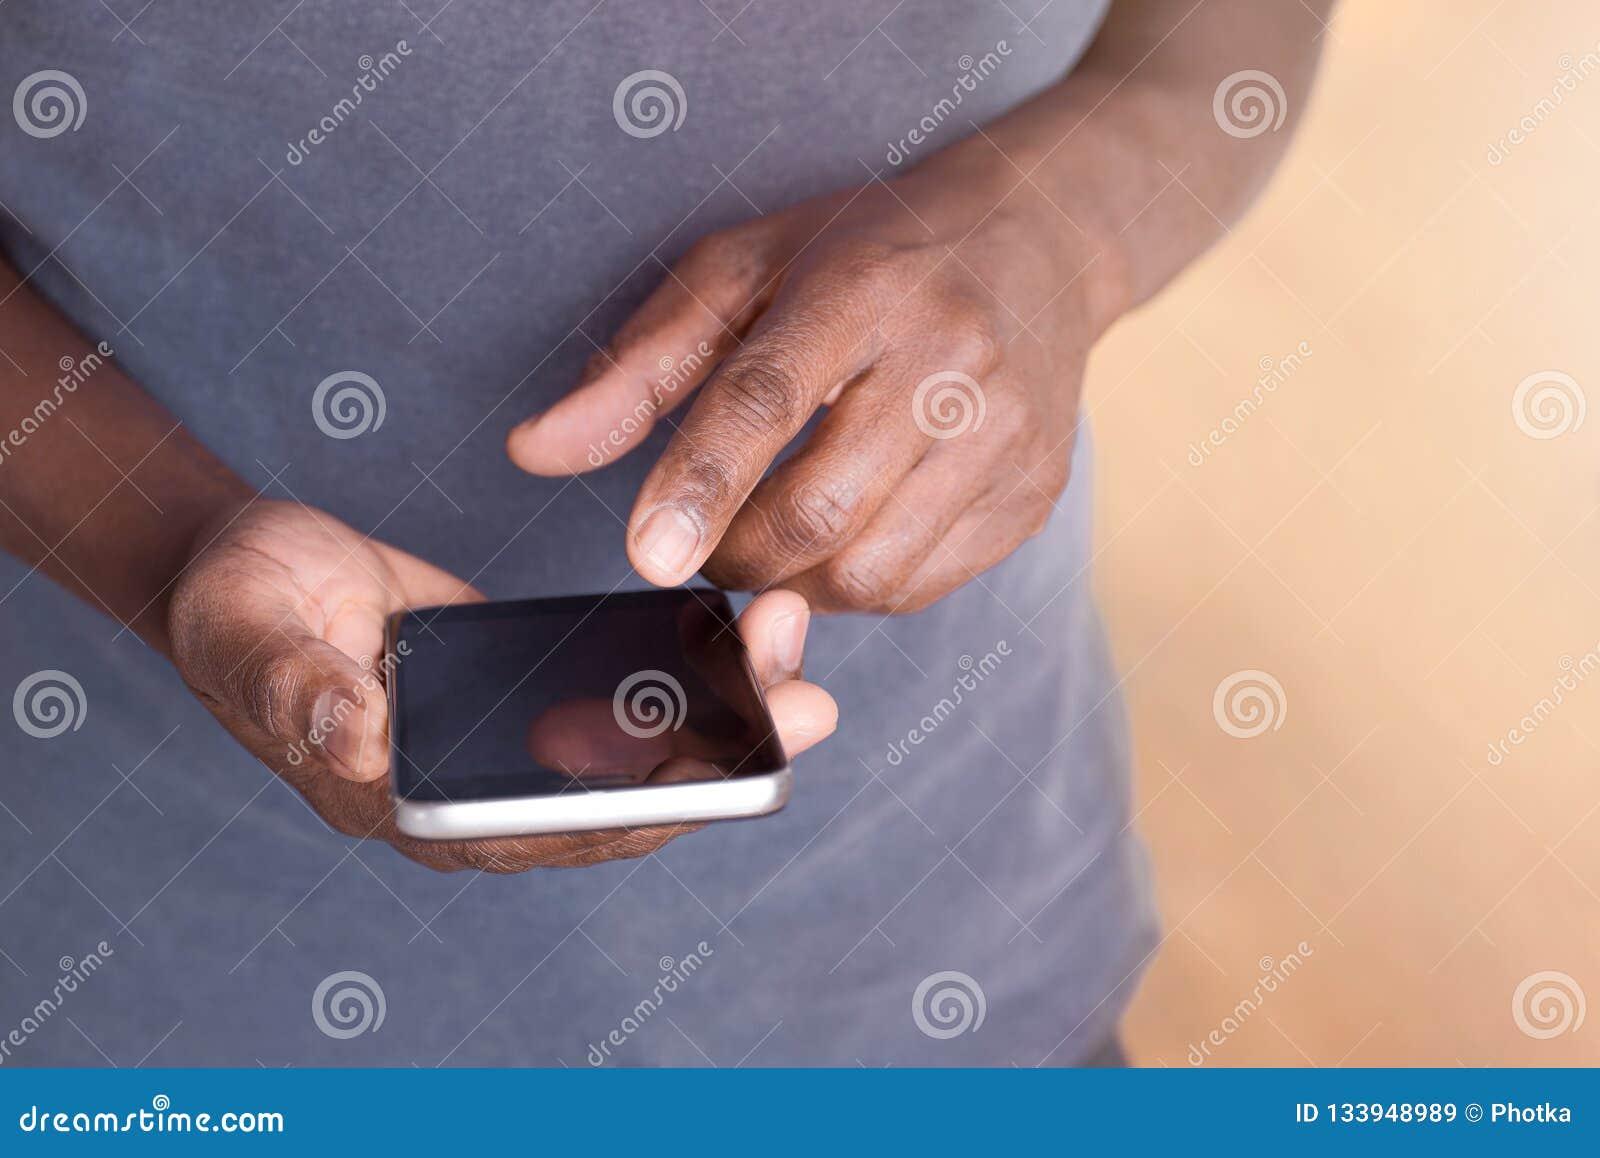 Человек держа и используя смартфон для работы или развлечений